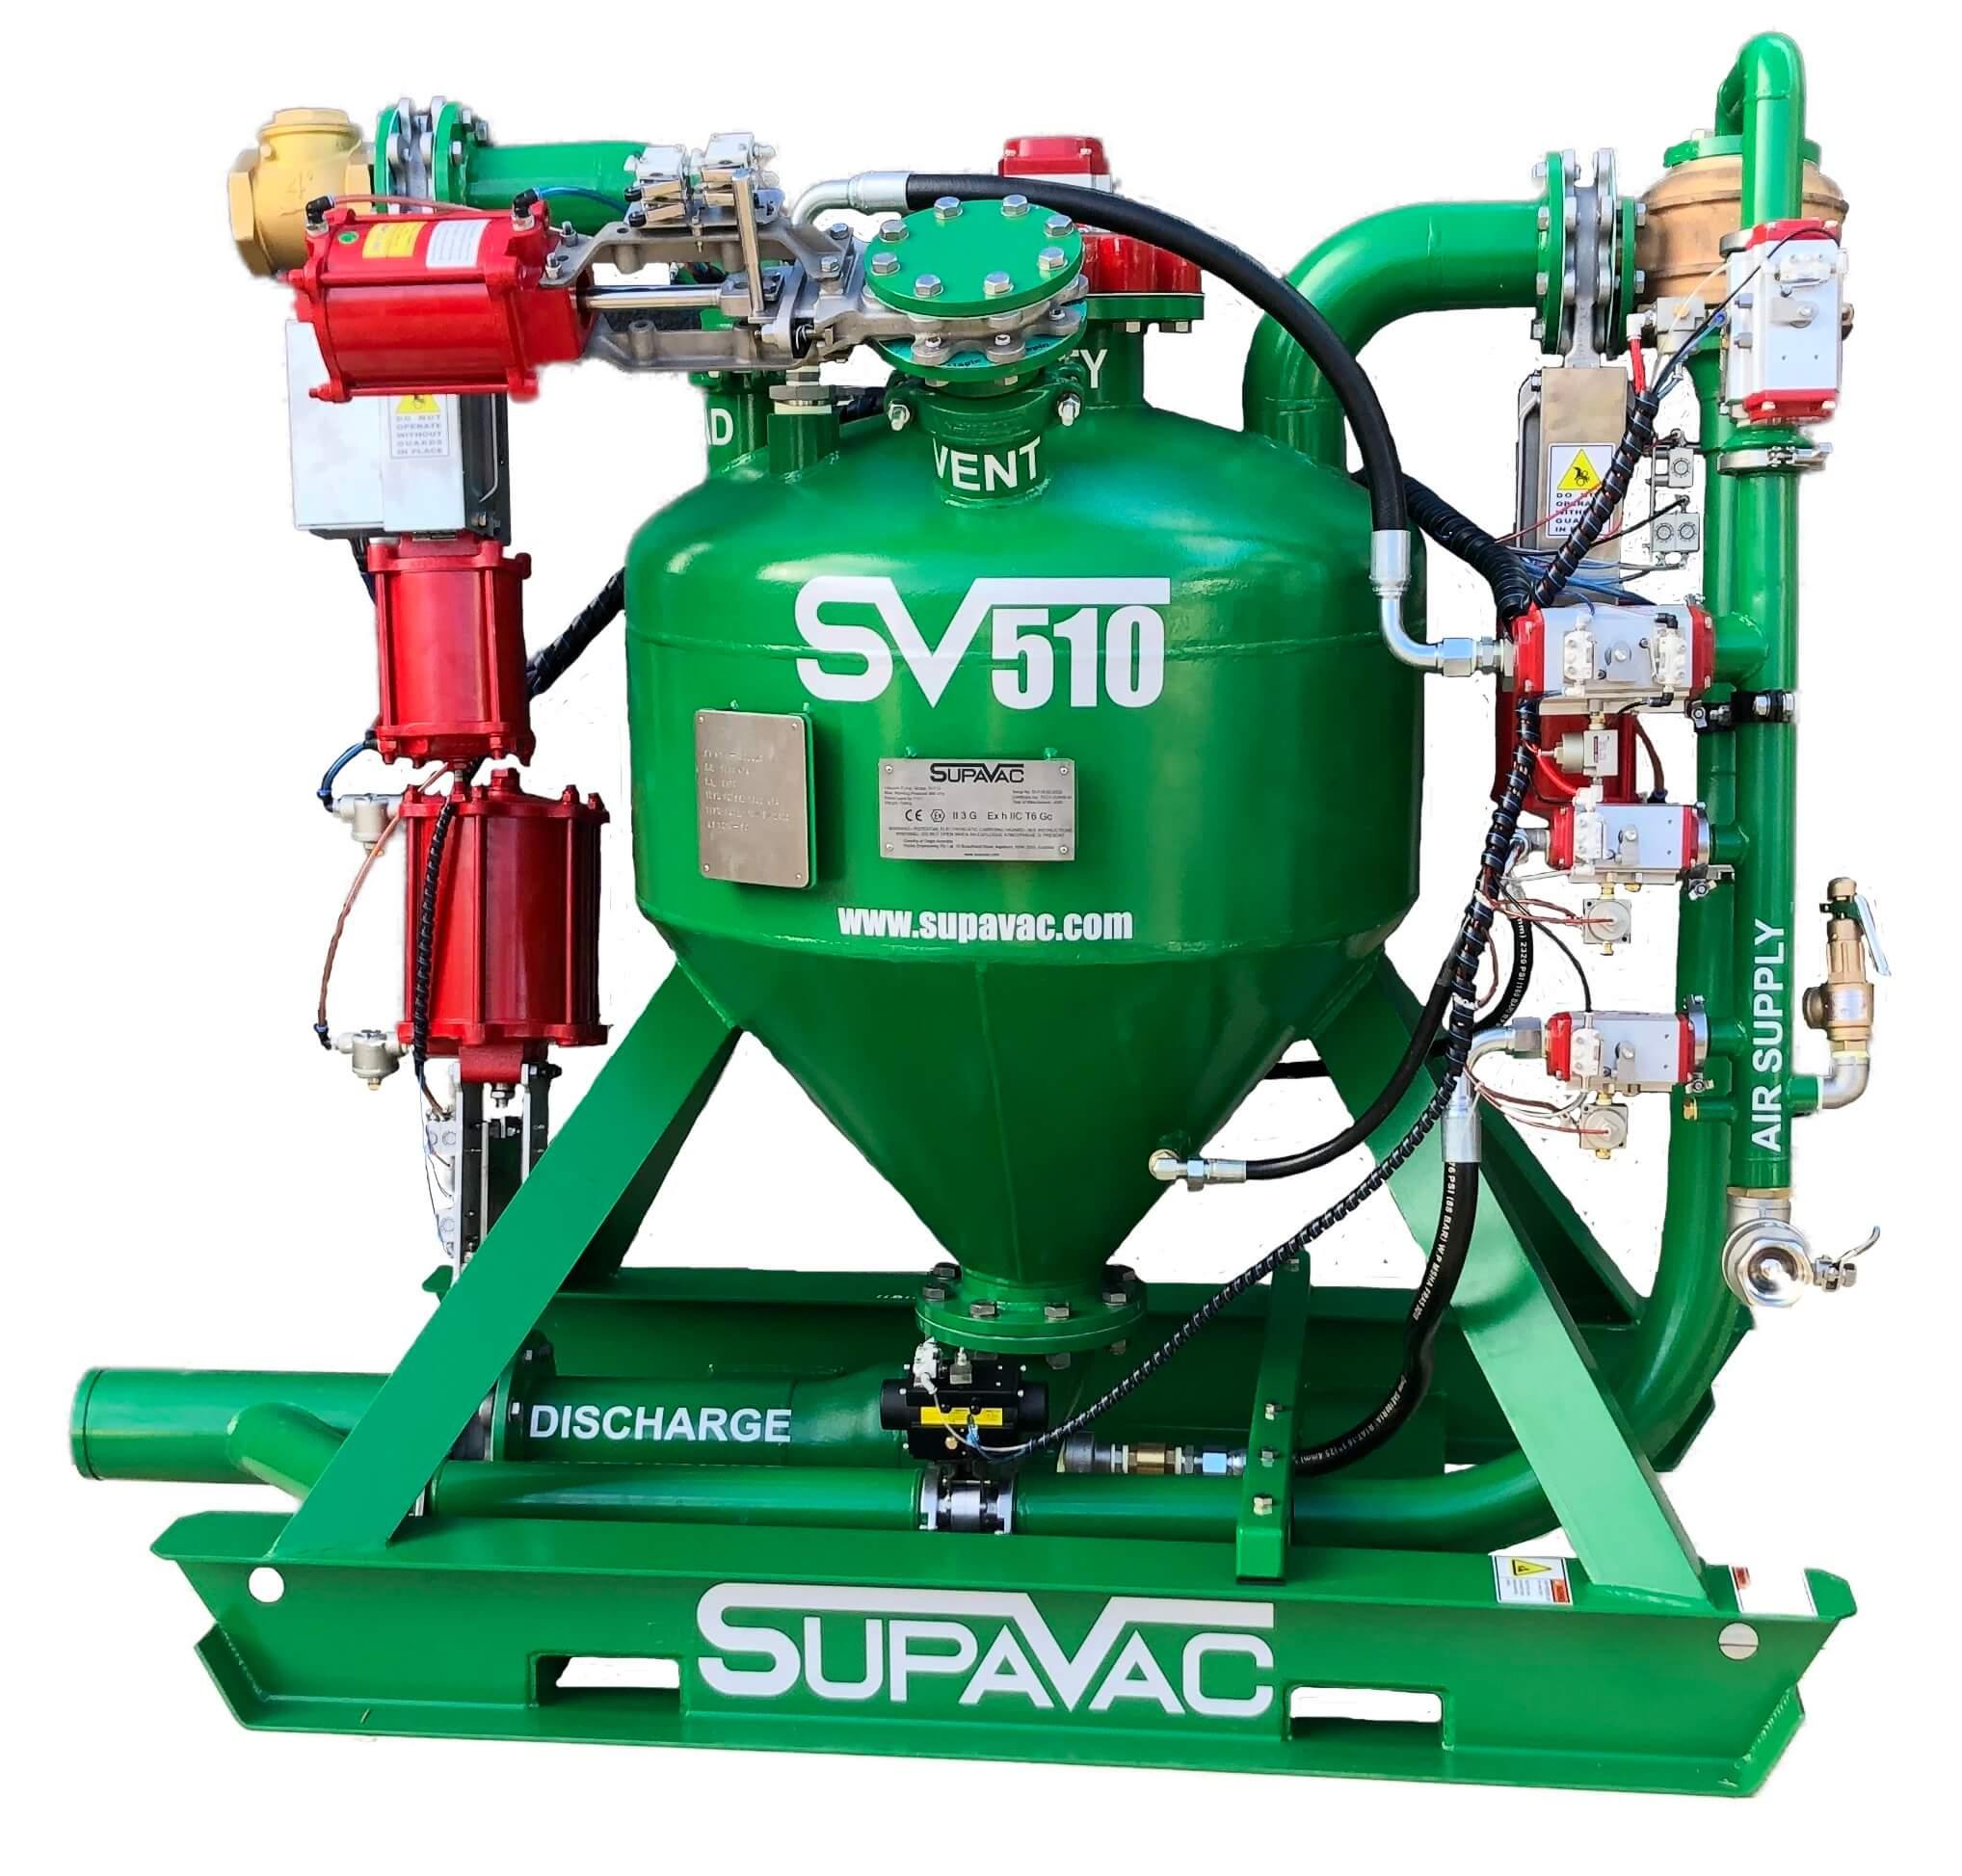 SUPAVAC Sv510 - Solid Pumps 2